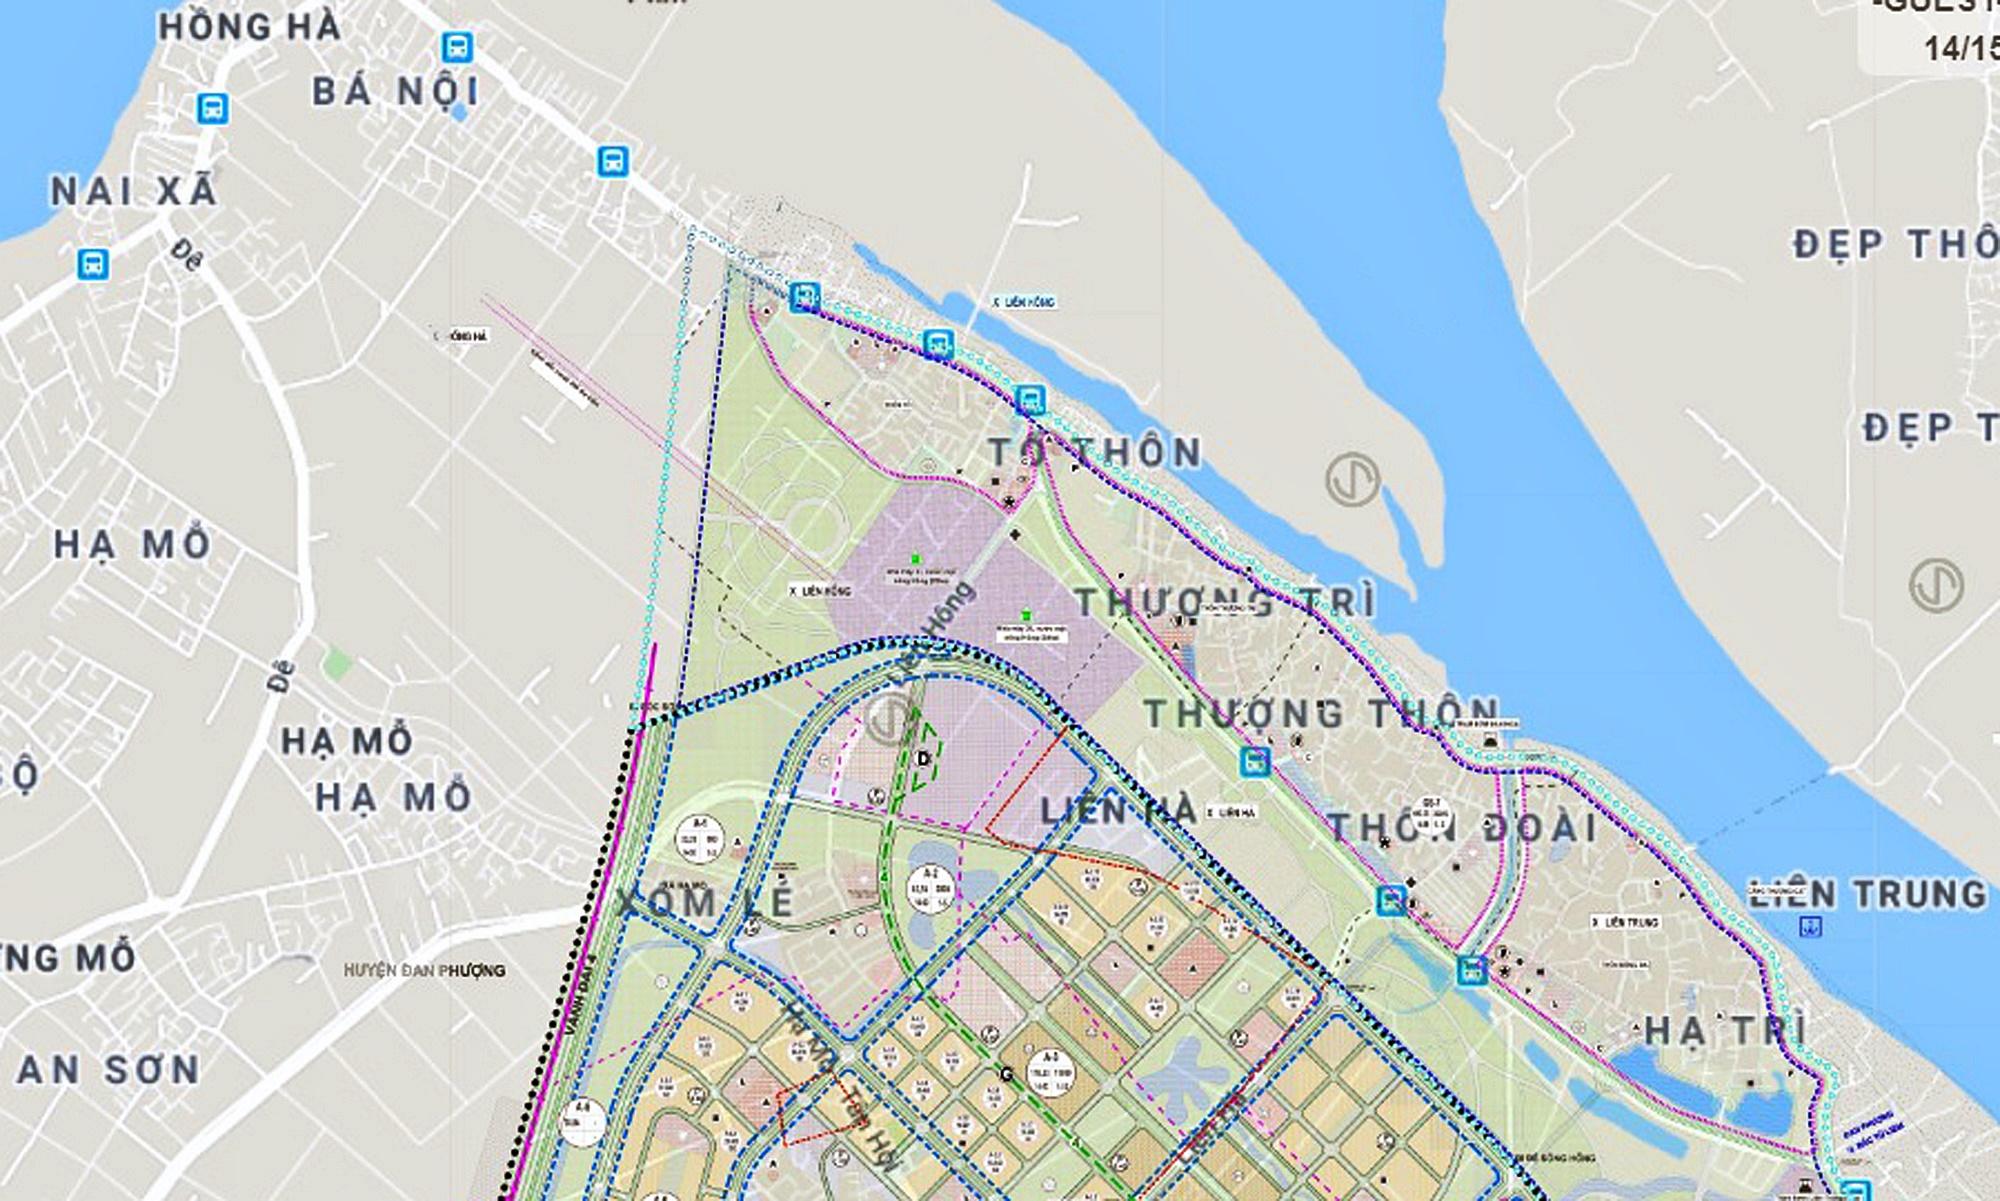 Cầu sẽ mở theo qui hoạch ở Hà Nội: Toàn cảnh vị trí làm cầu Hồng Hà nối Đan Phượng với Mê Linh - Ảnh 5.